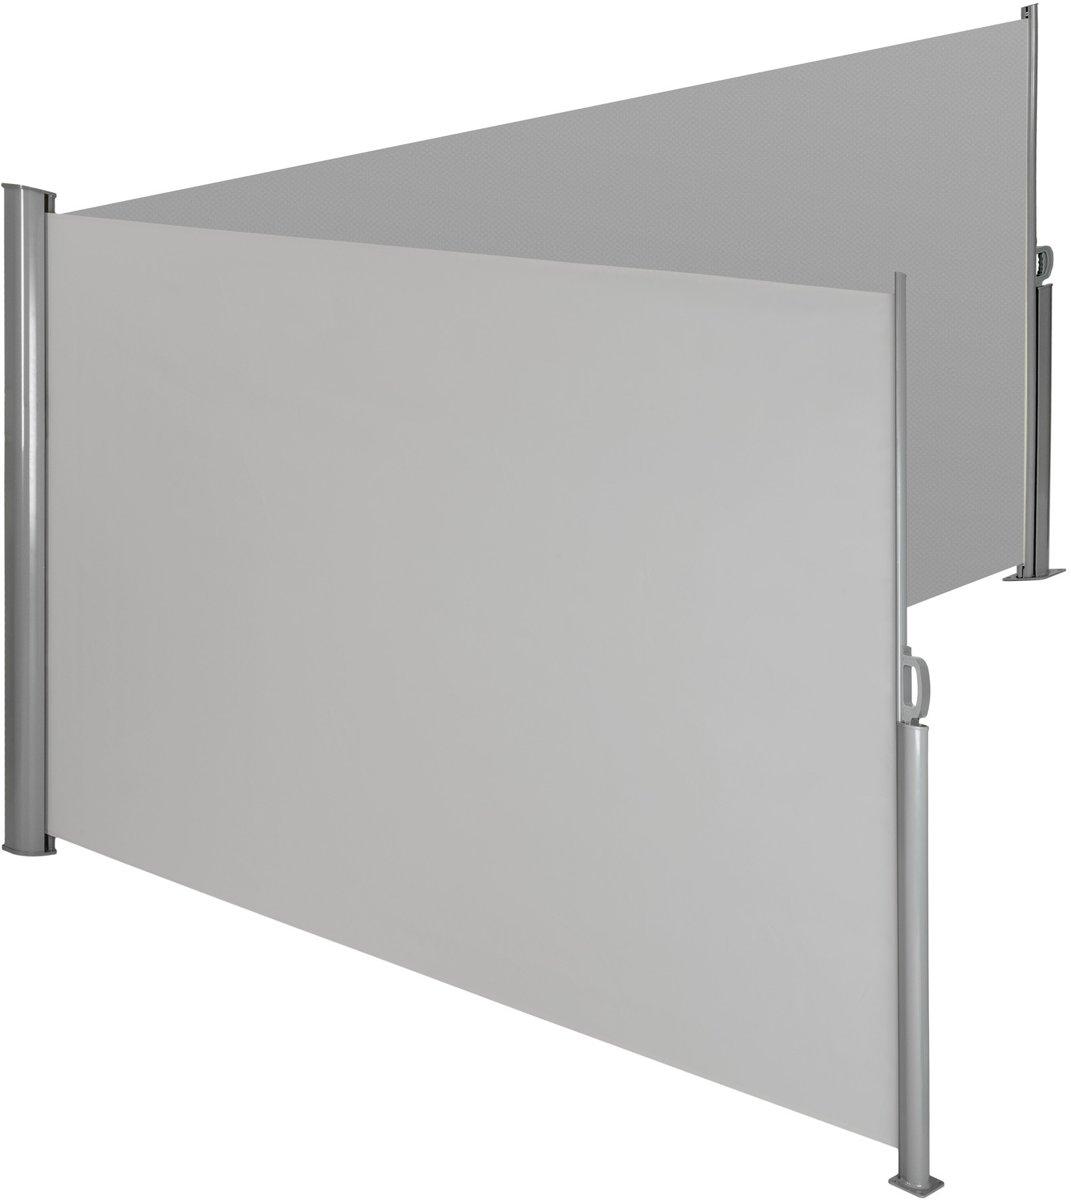 TecTake - aluminium windscherm - dubbel - 160 x 600 cm - grijs - 402331 kopen